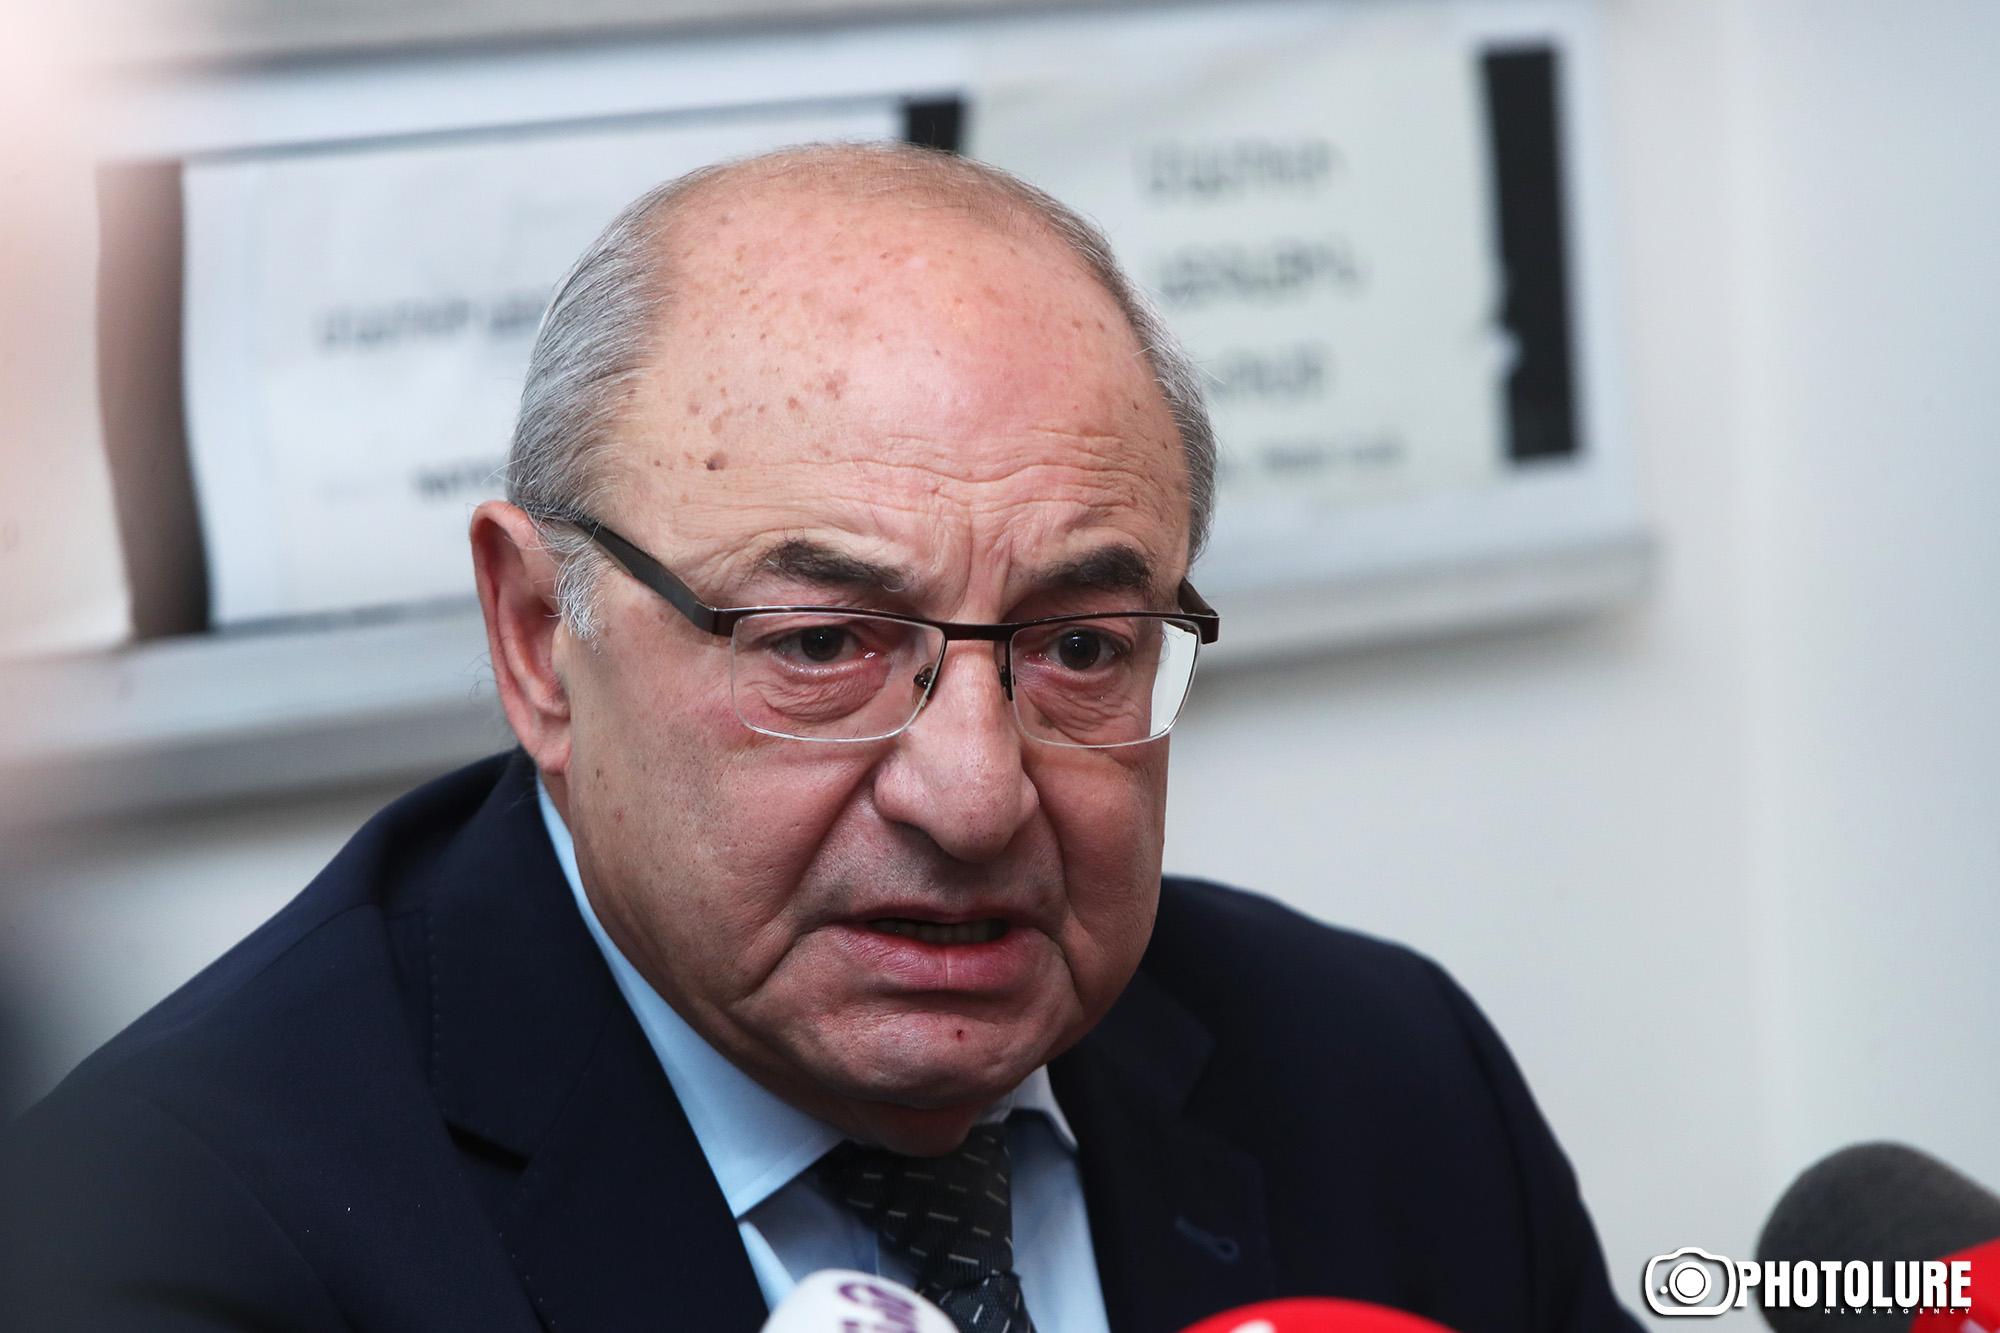 """Դարի անшմոթ Վազգենին հետո էլ հարցում են, թե բա ժողովրդին ինչու՞ ես ասել """"բпմժ"""", սա էլ ասում ա..."""